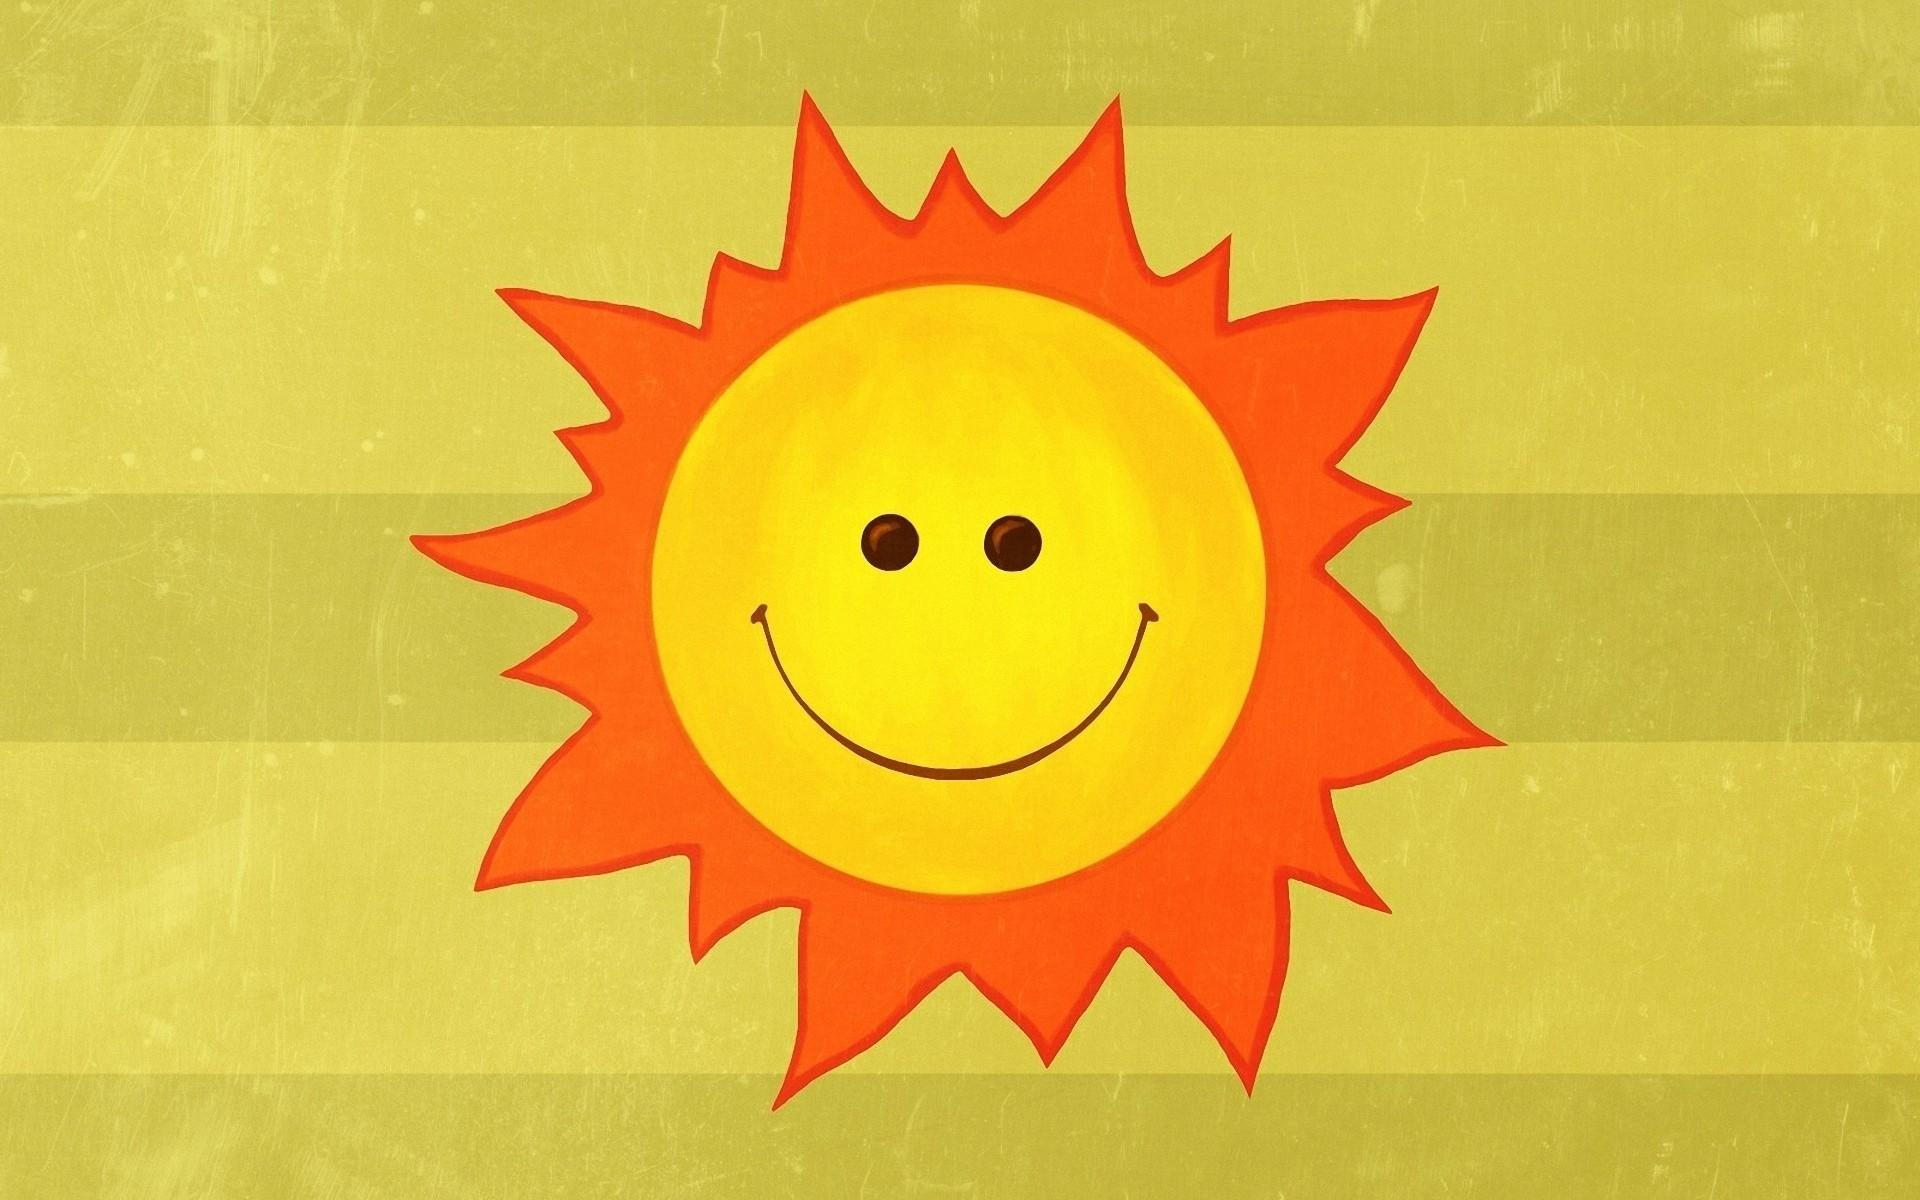 Dibujo del Sol feliz - 1920x1200